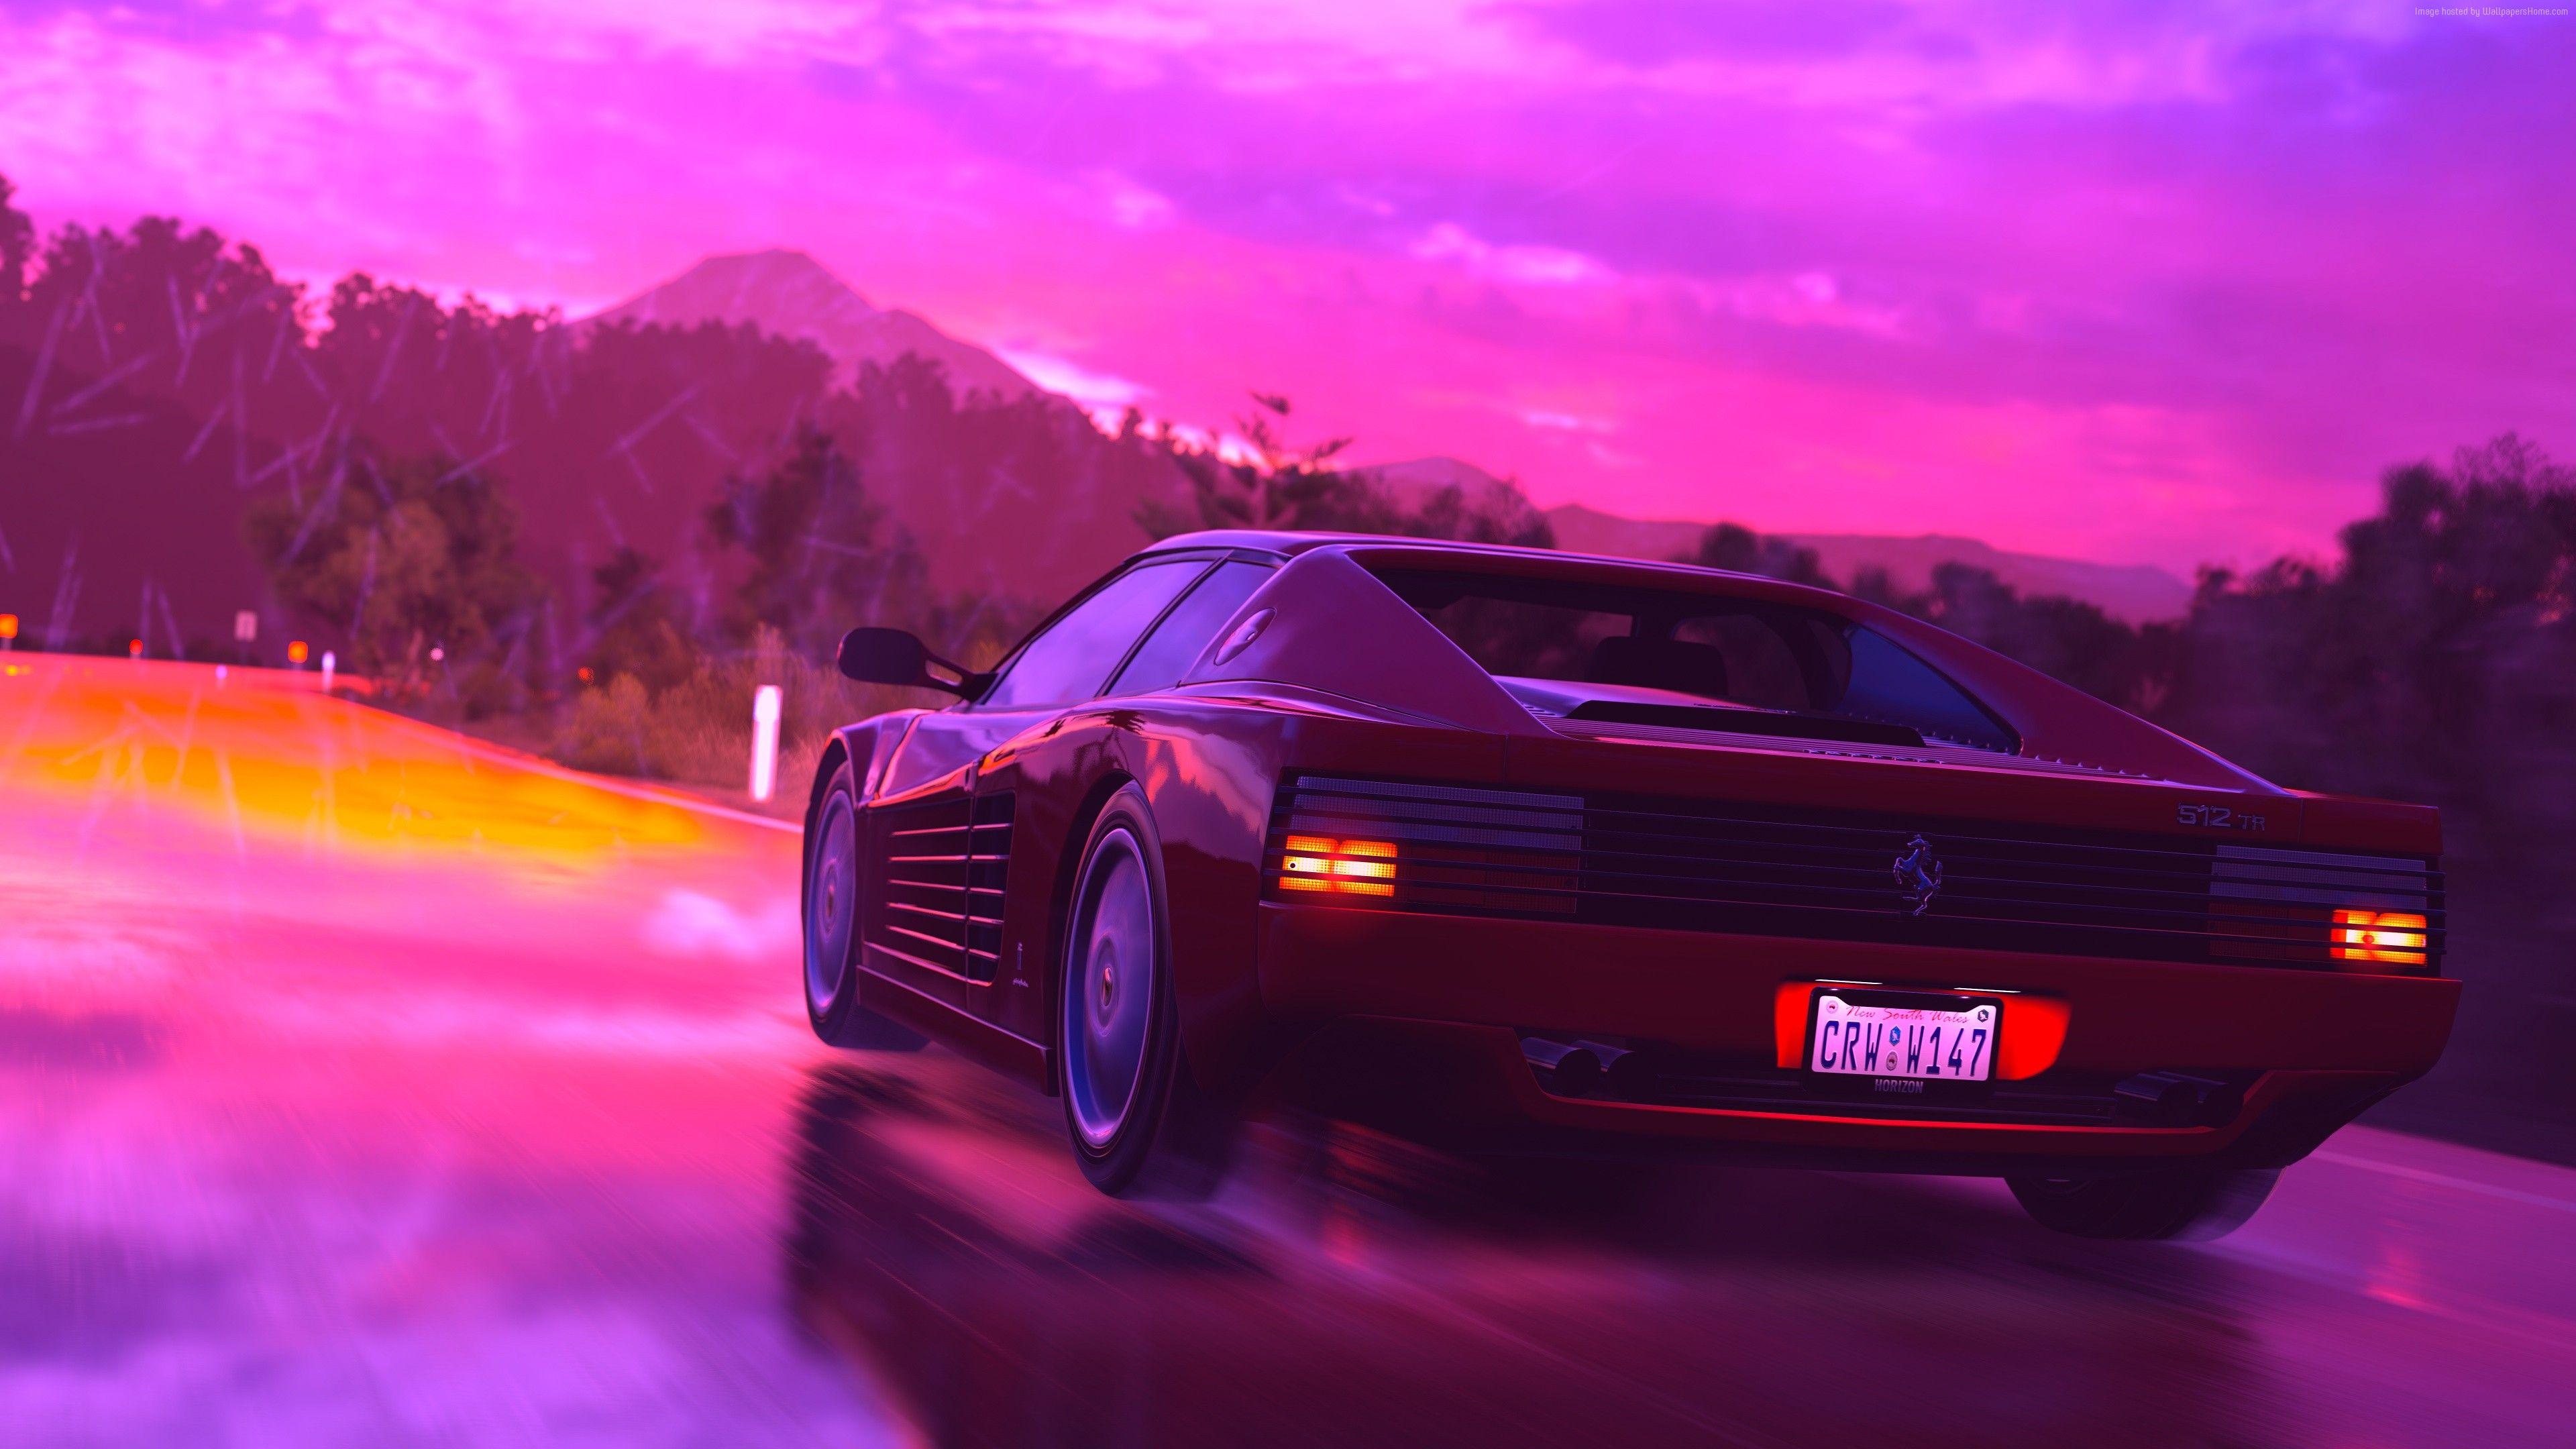 Wallpaper Ferrari Testarossa Retrowave Pink 4k Art With